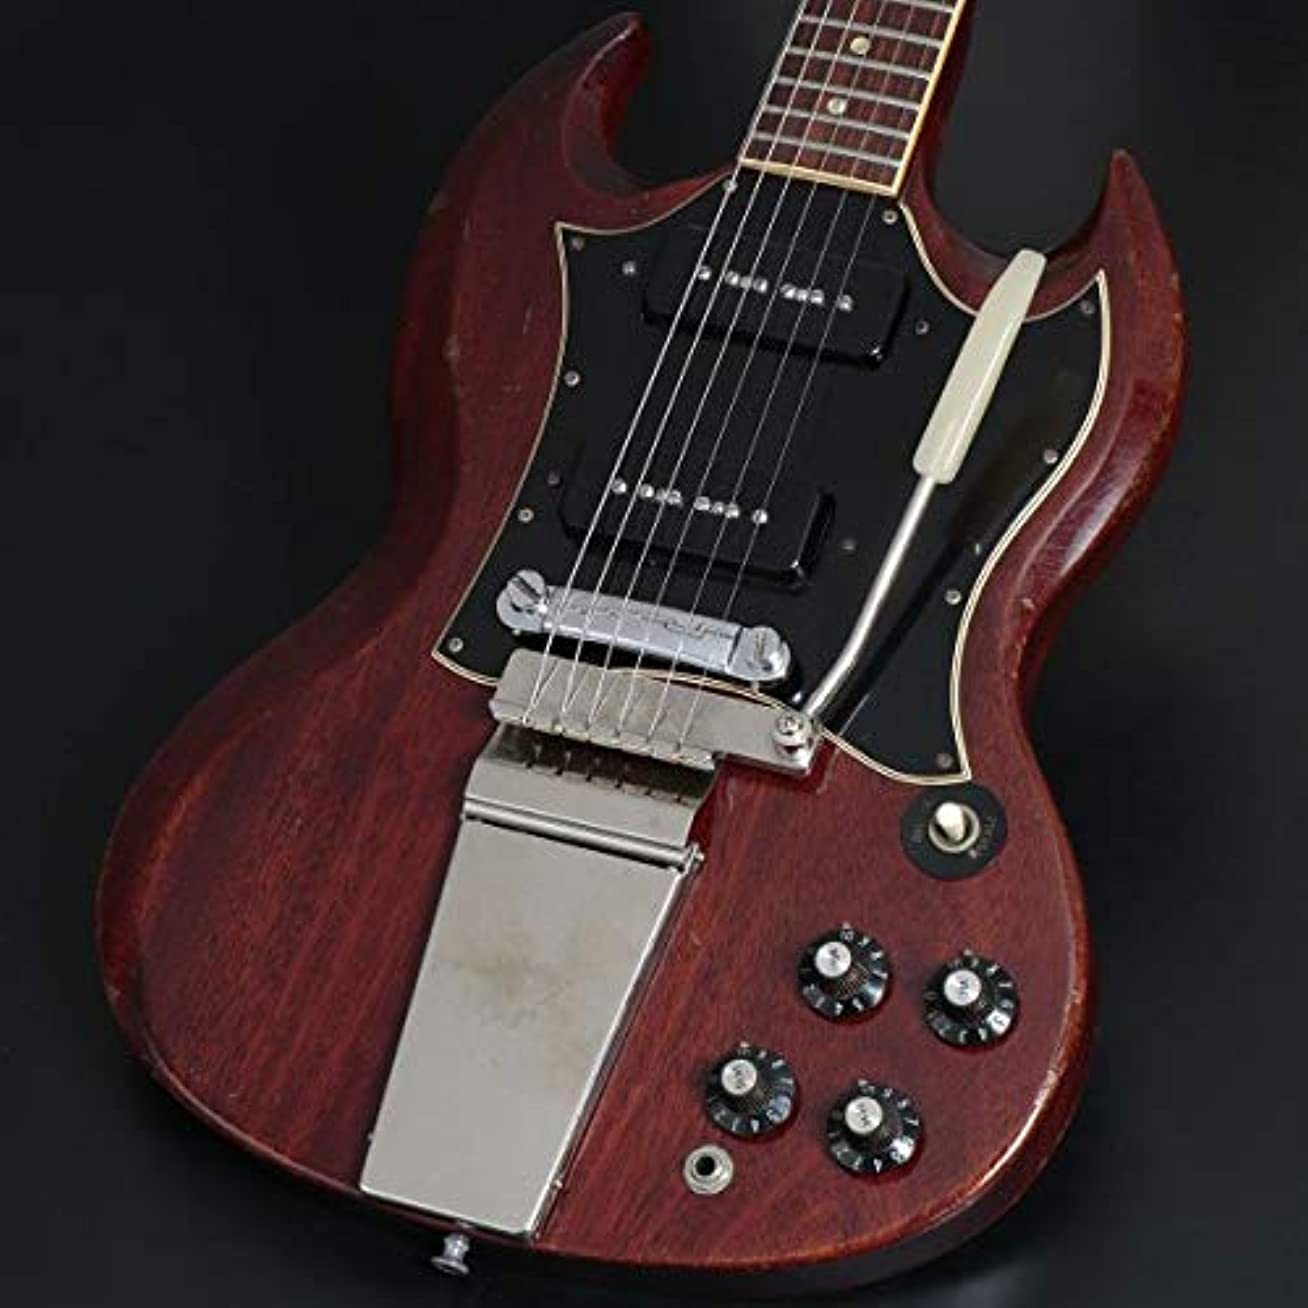 重荷定刻大Gibson USA ギブソンUSA/SG Special Cherry